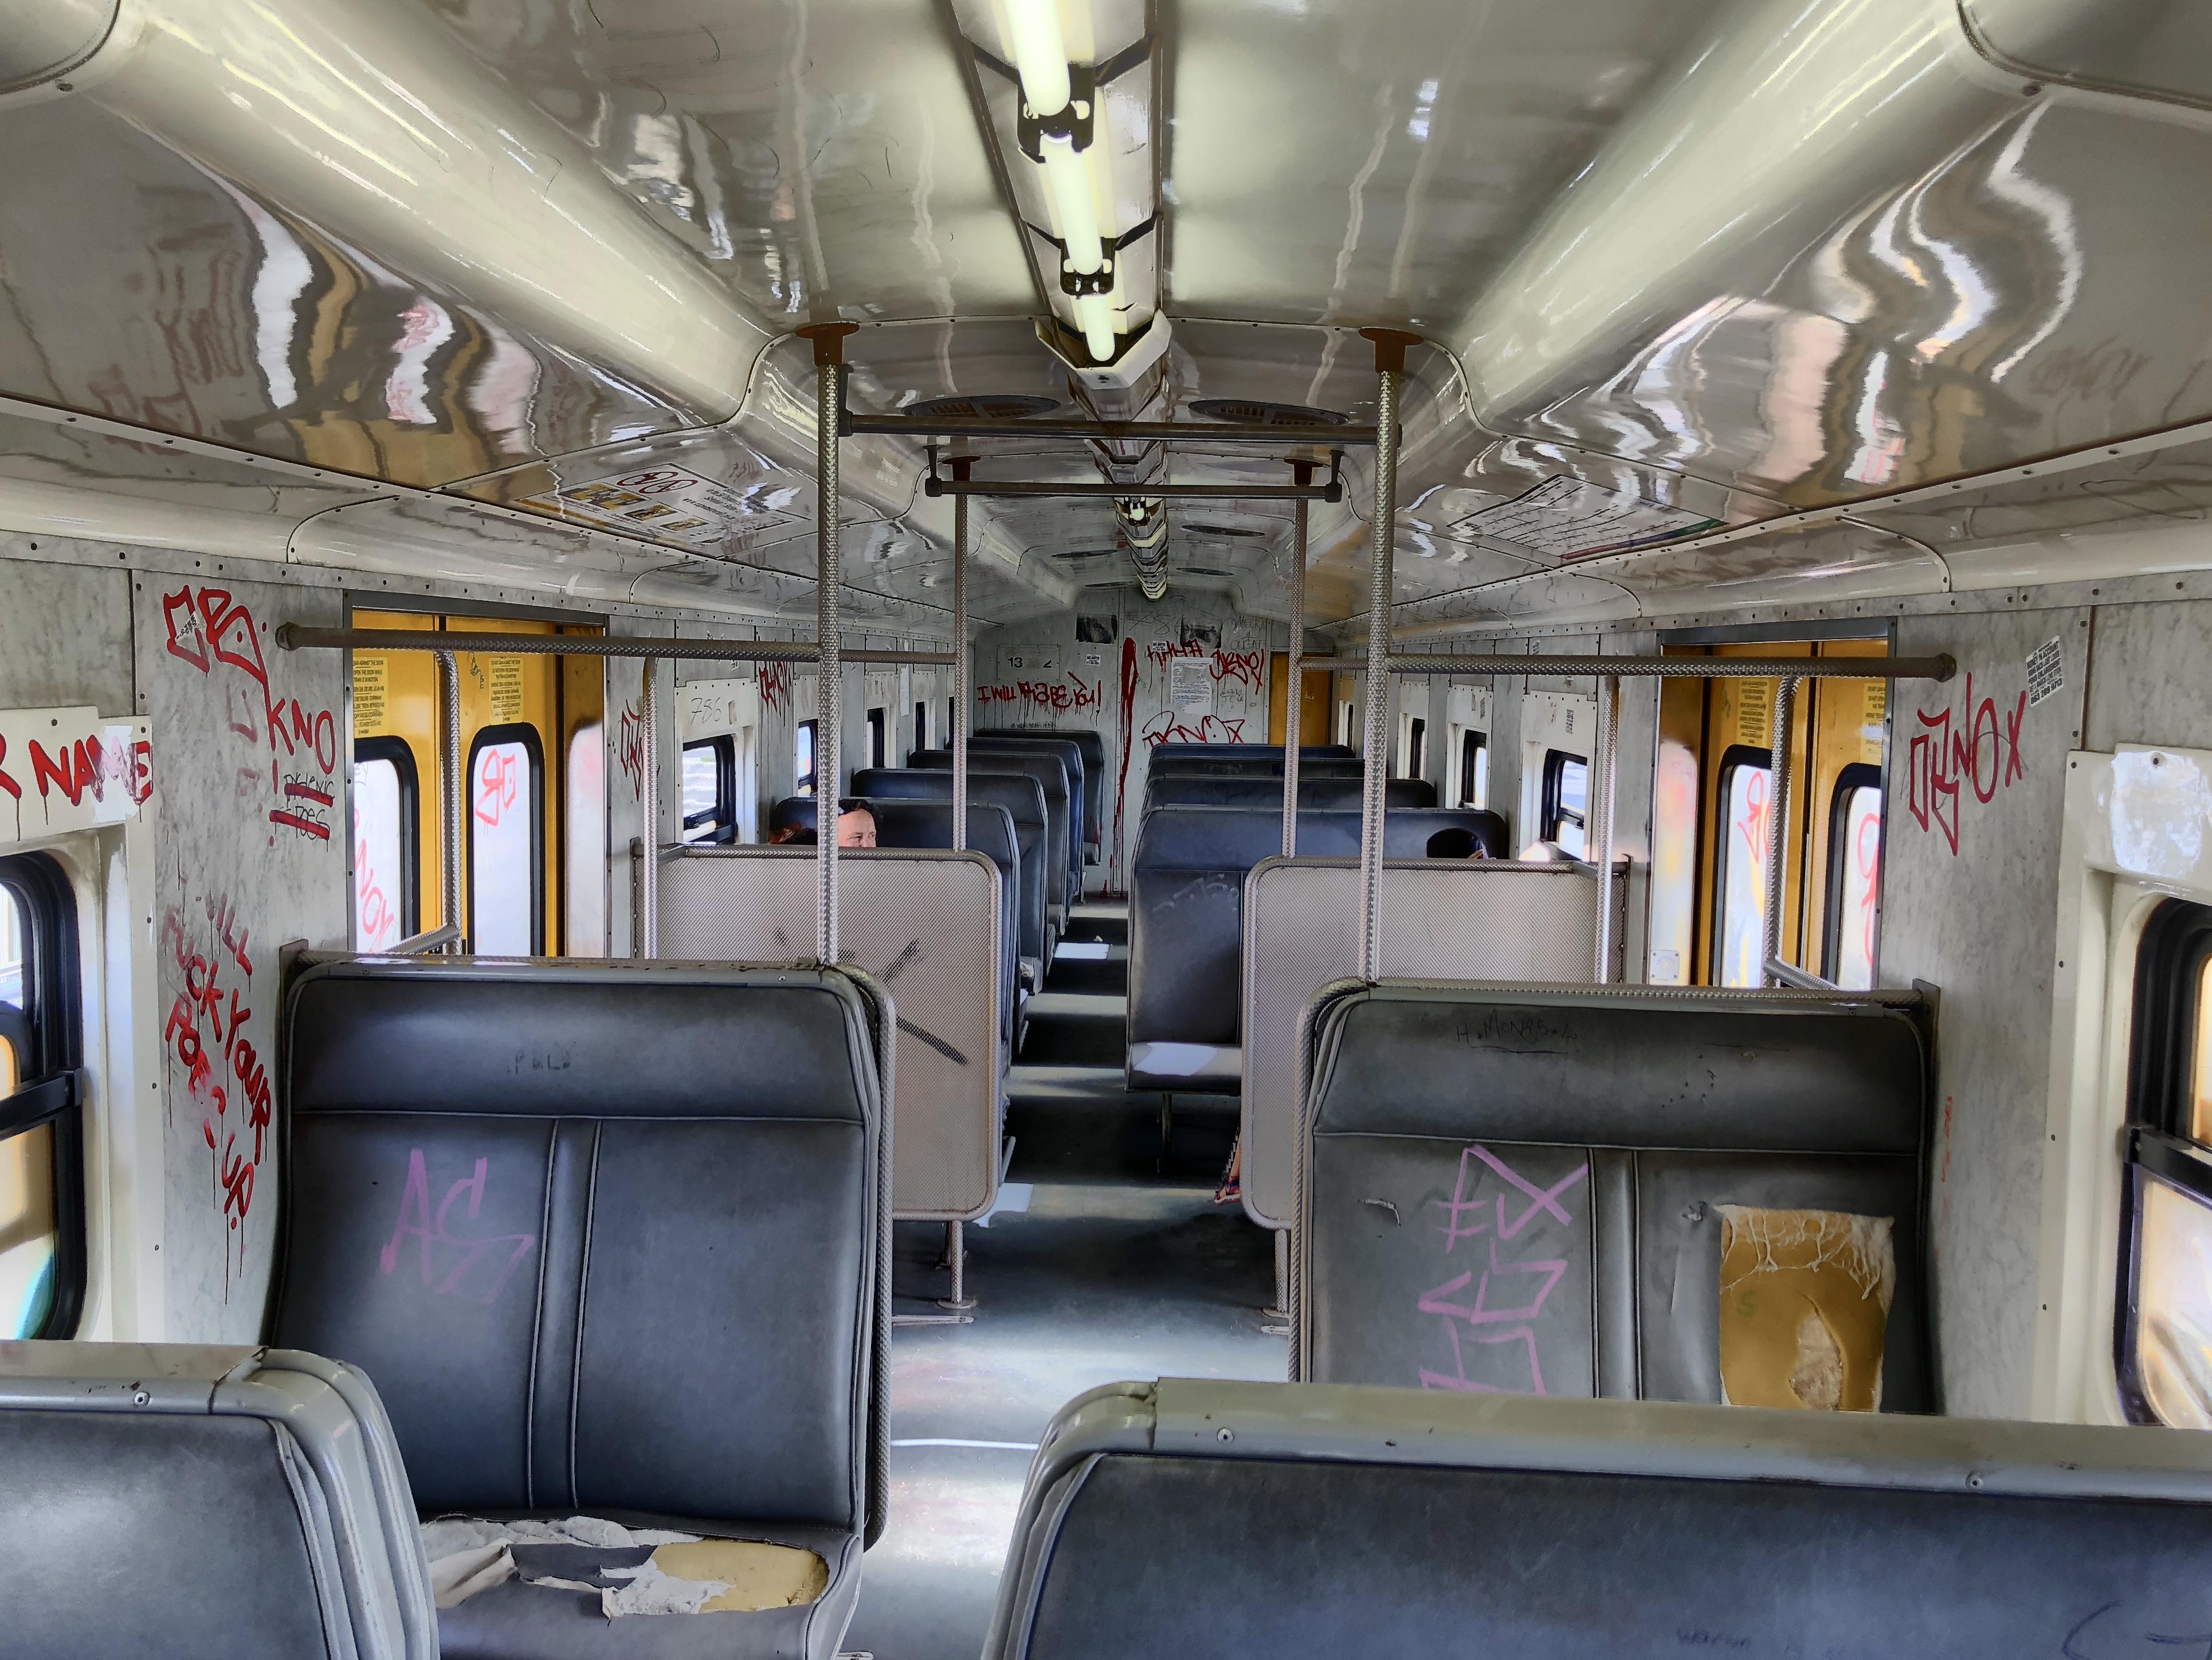 !. Klasse Abteil Zug Kapstadt